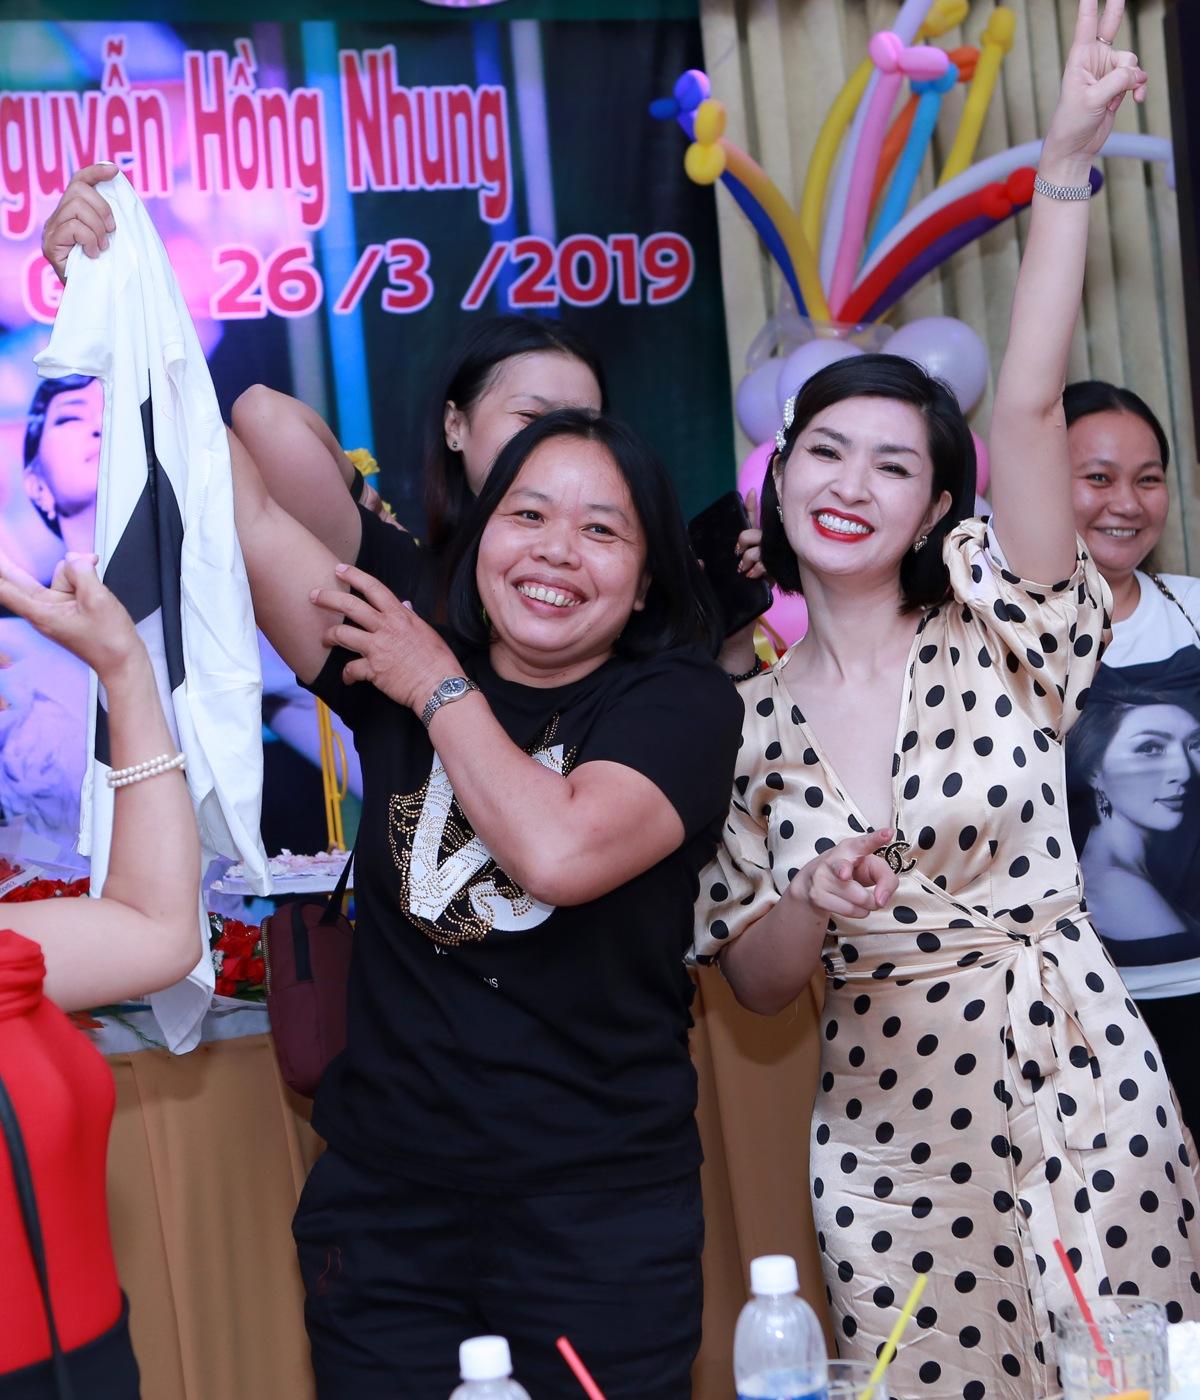 Nguyễn Hồng Nhung hạnh phúc trong vòng tay người hâm mộ tại buổi họp fans - Hình 18